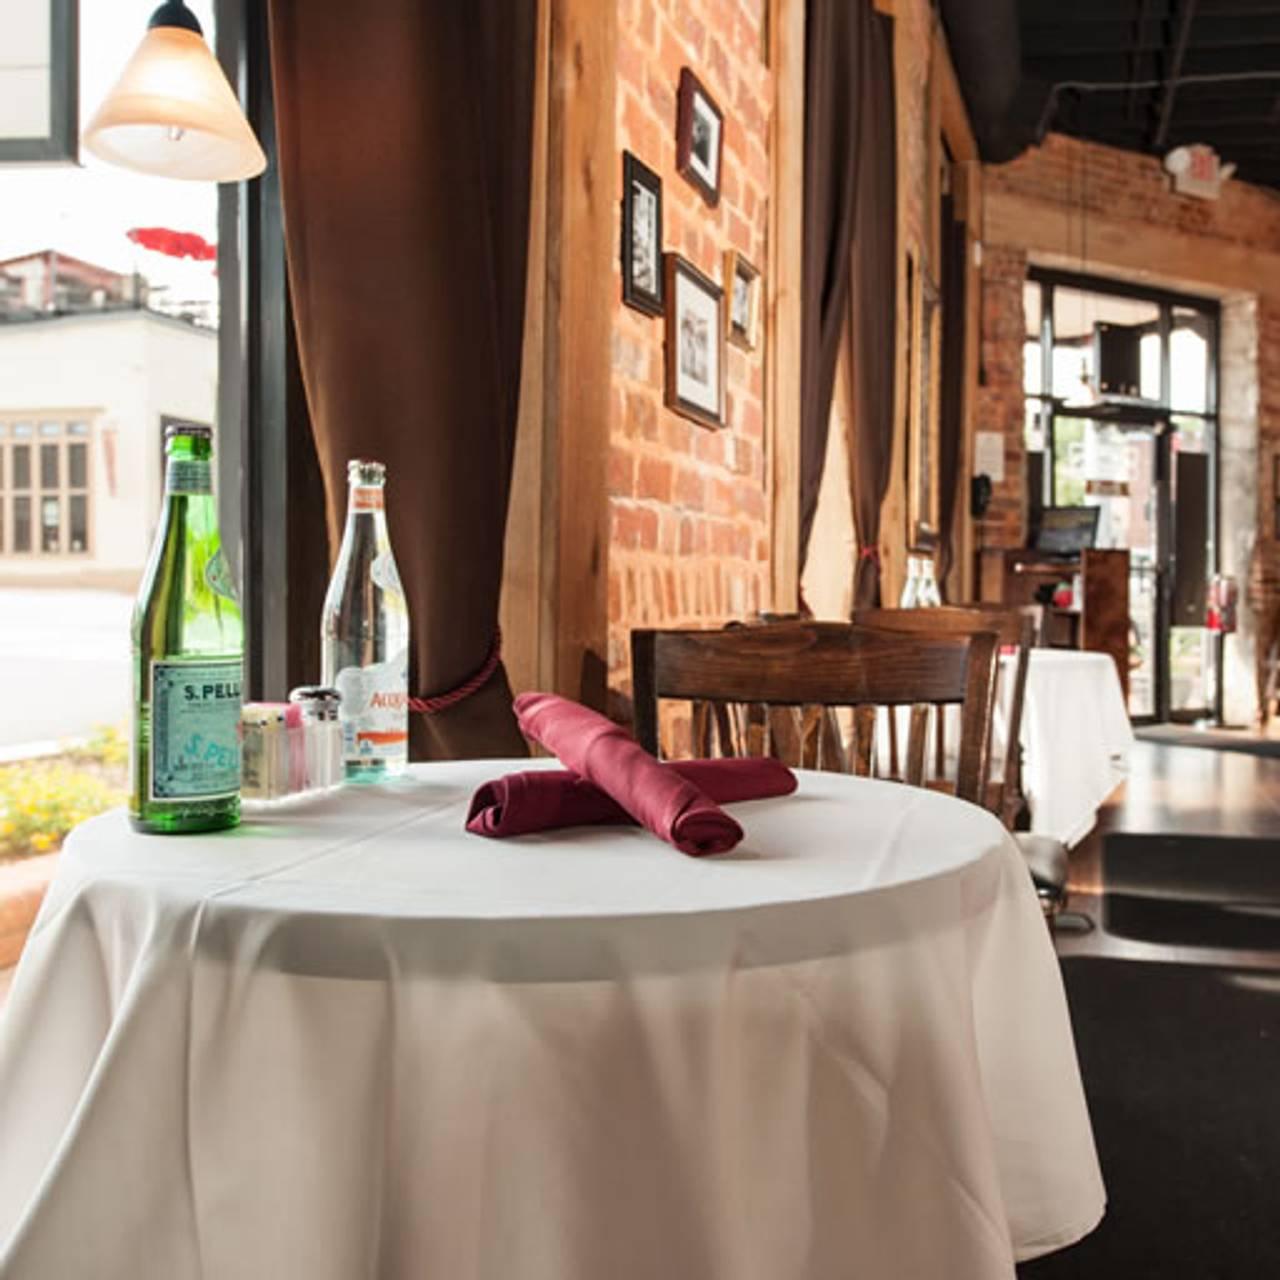 Dominicks restaurant lawrenceville